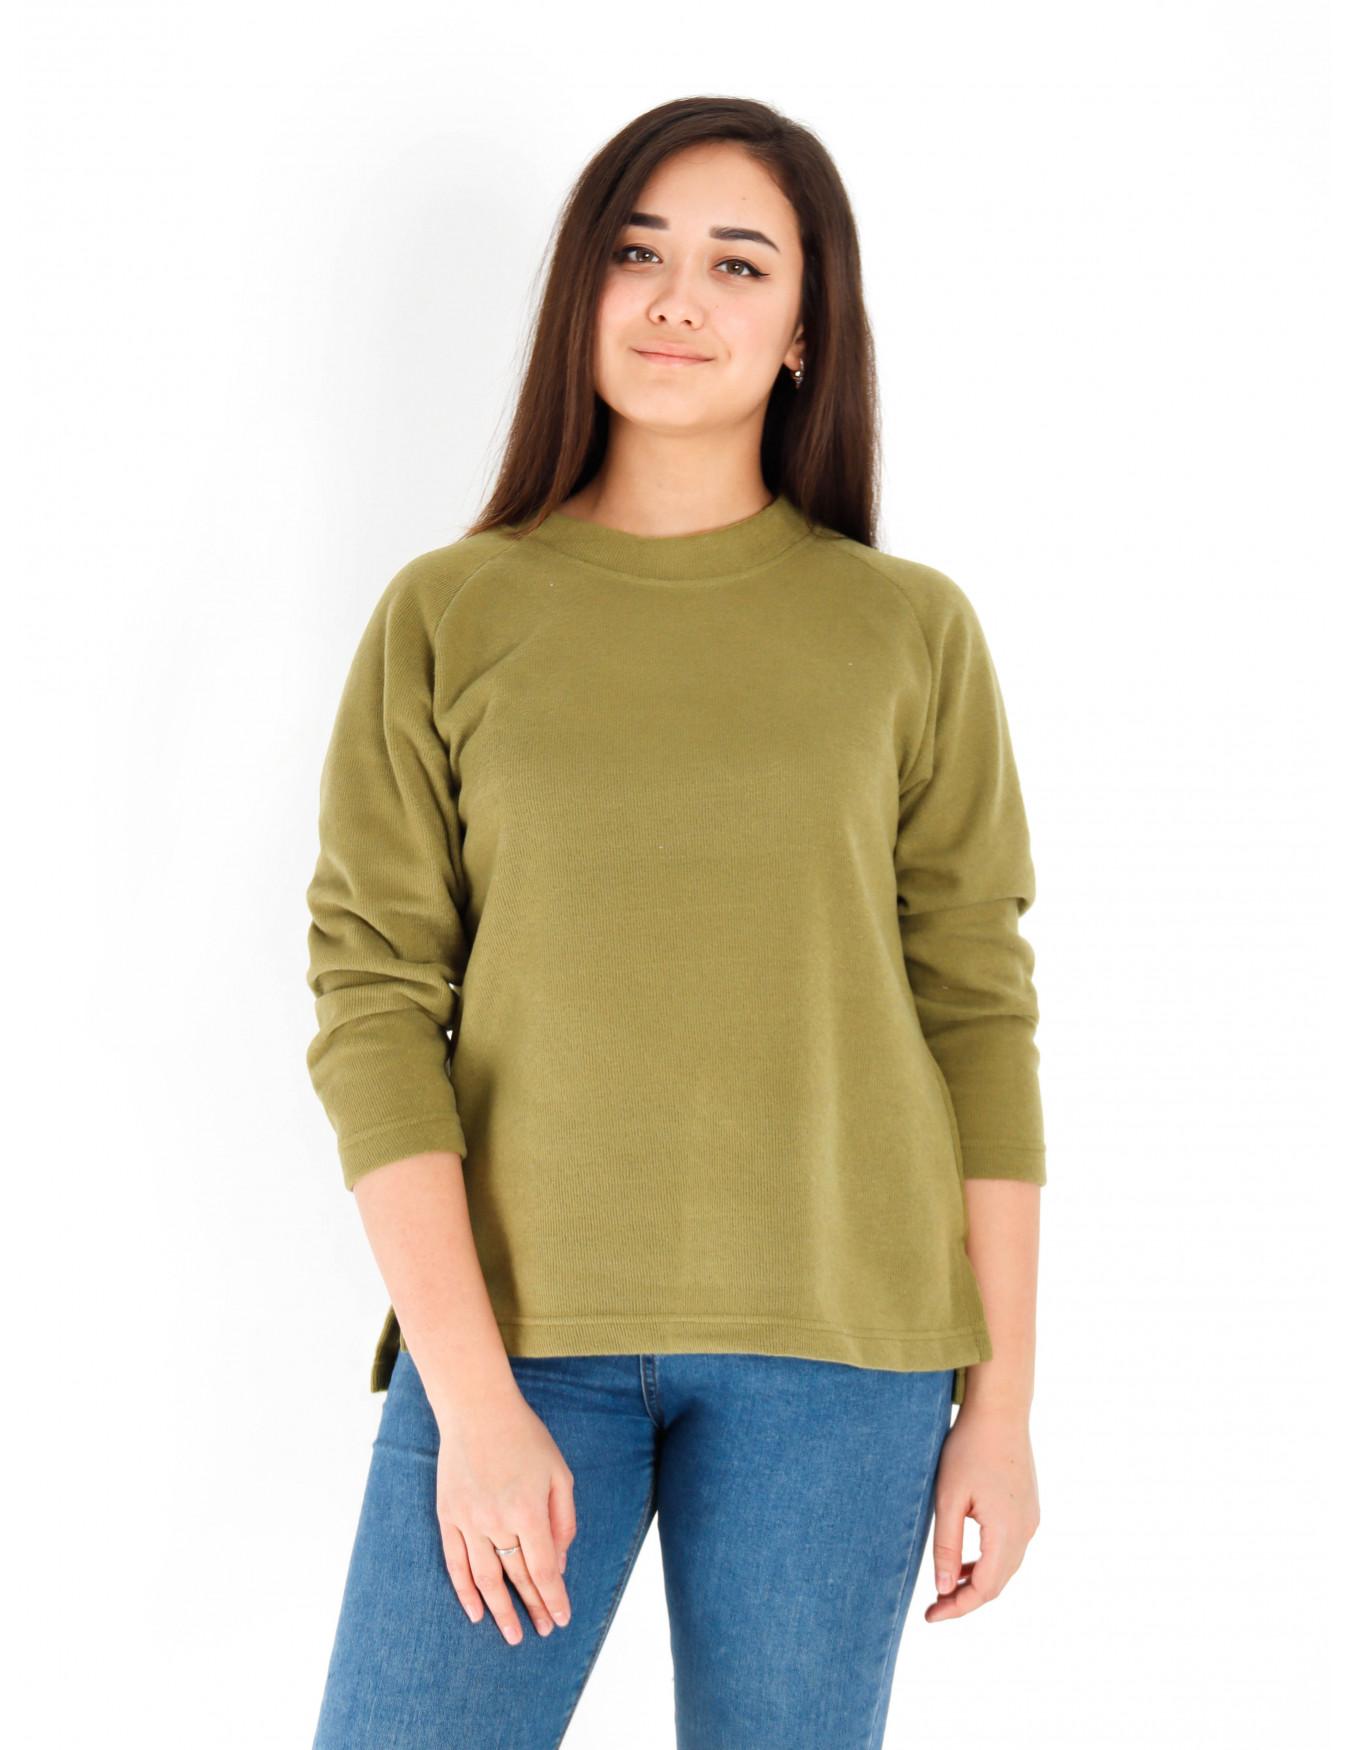 Блуза женская М-183 (горчичный) р.44-62